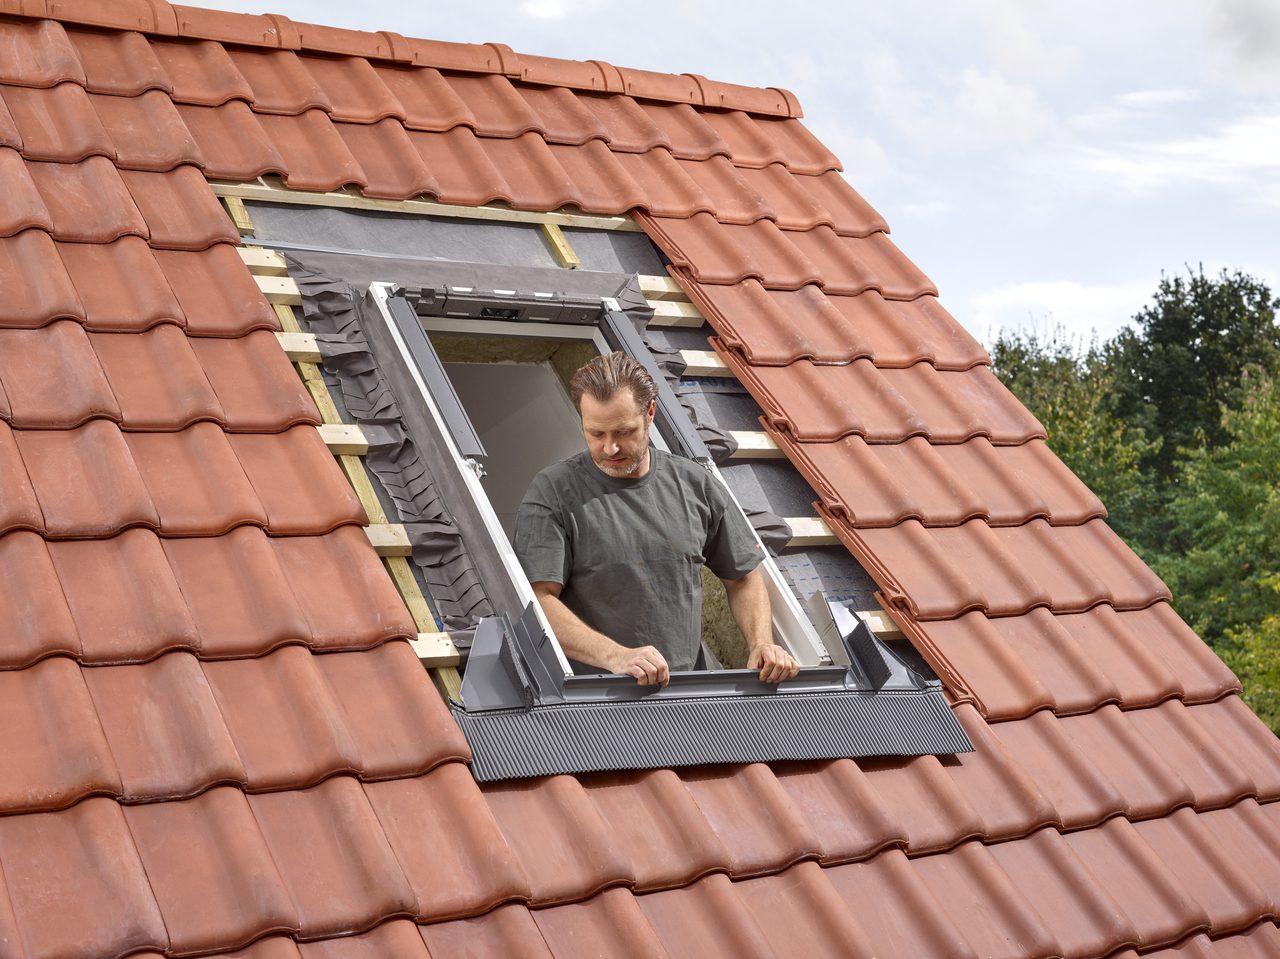 zateplenie okna, zateplenie okien, zateplenie okolo okien